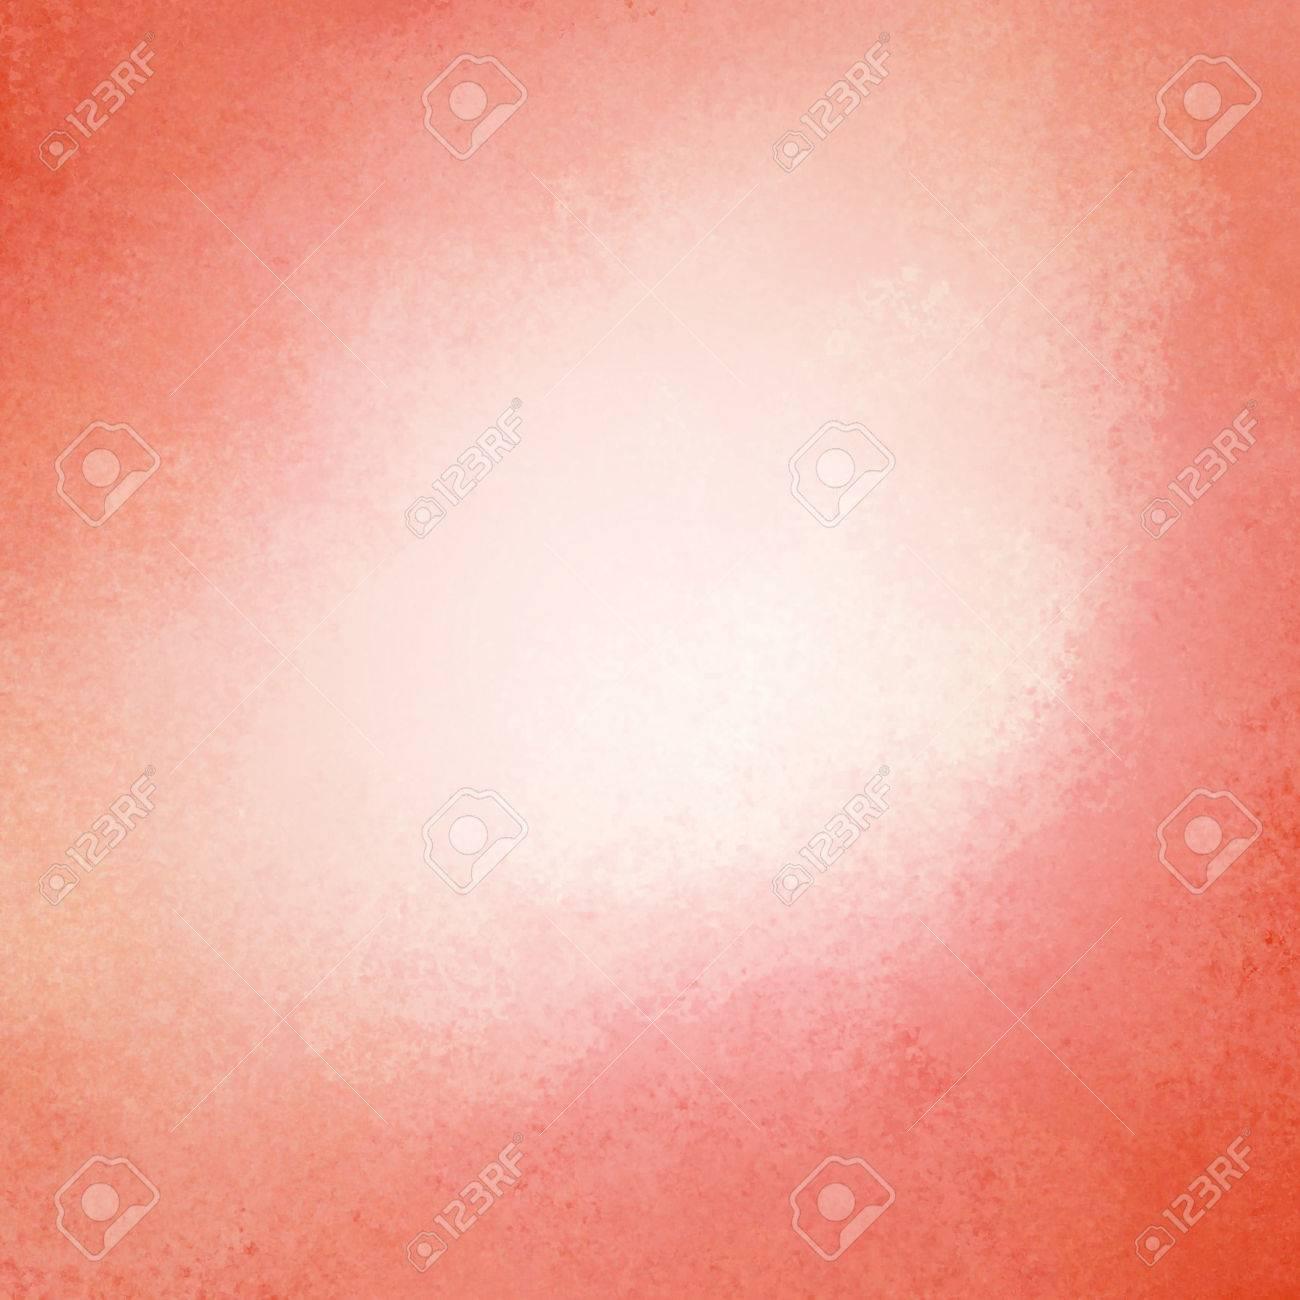 Immagini Stock Ingiallito Sfondo Rosa Arancione Colore Depoca E